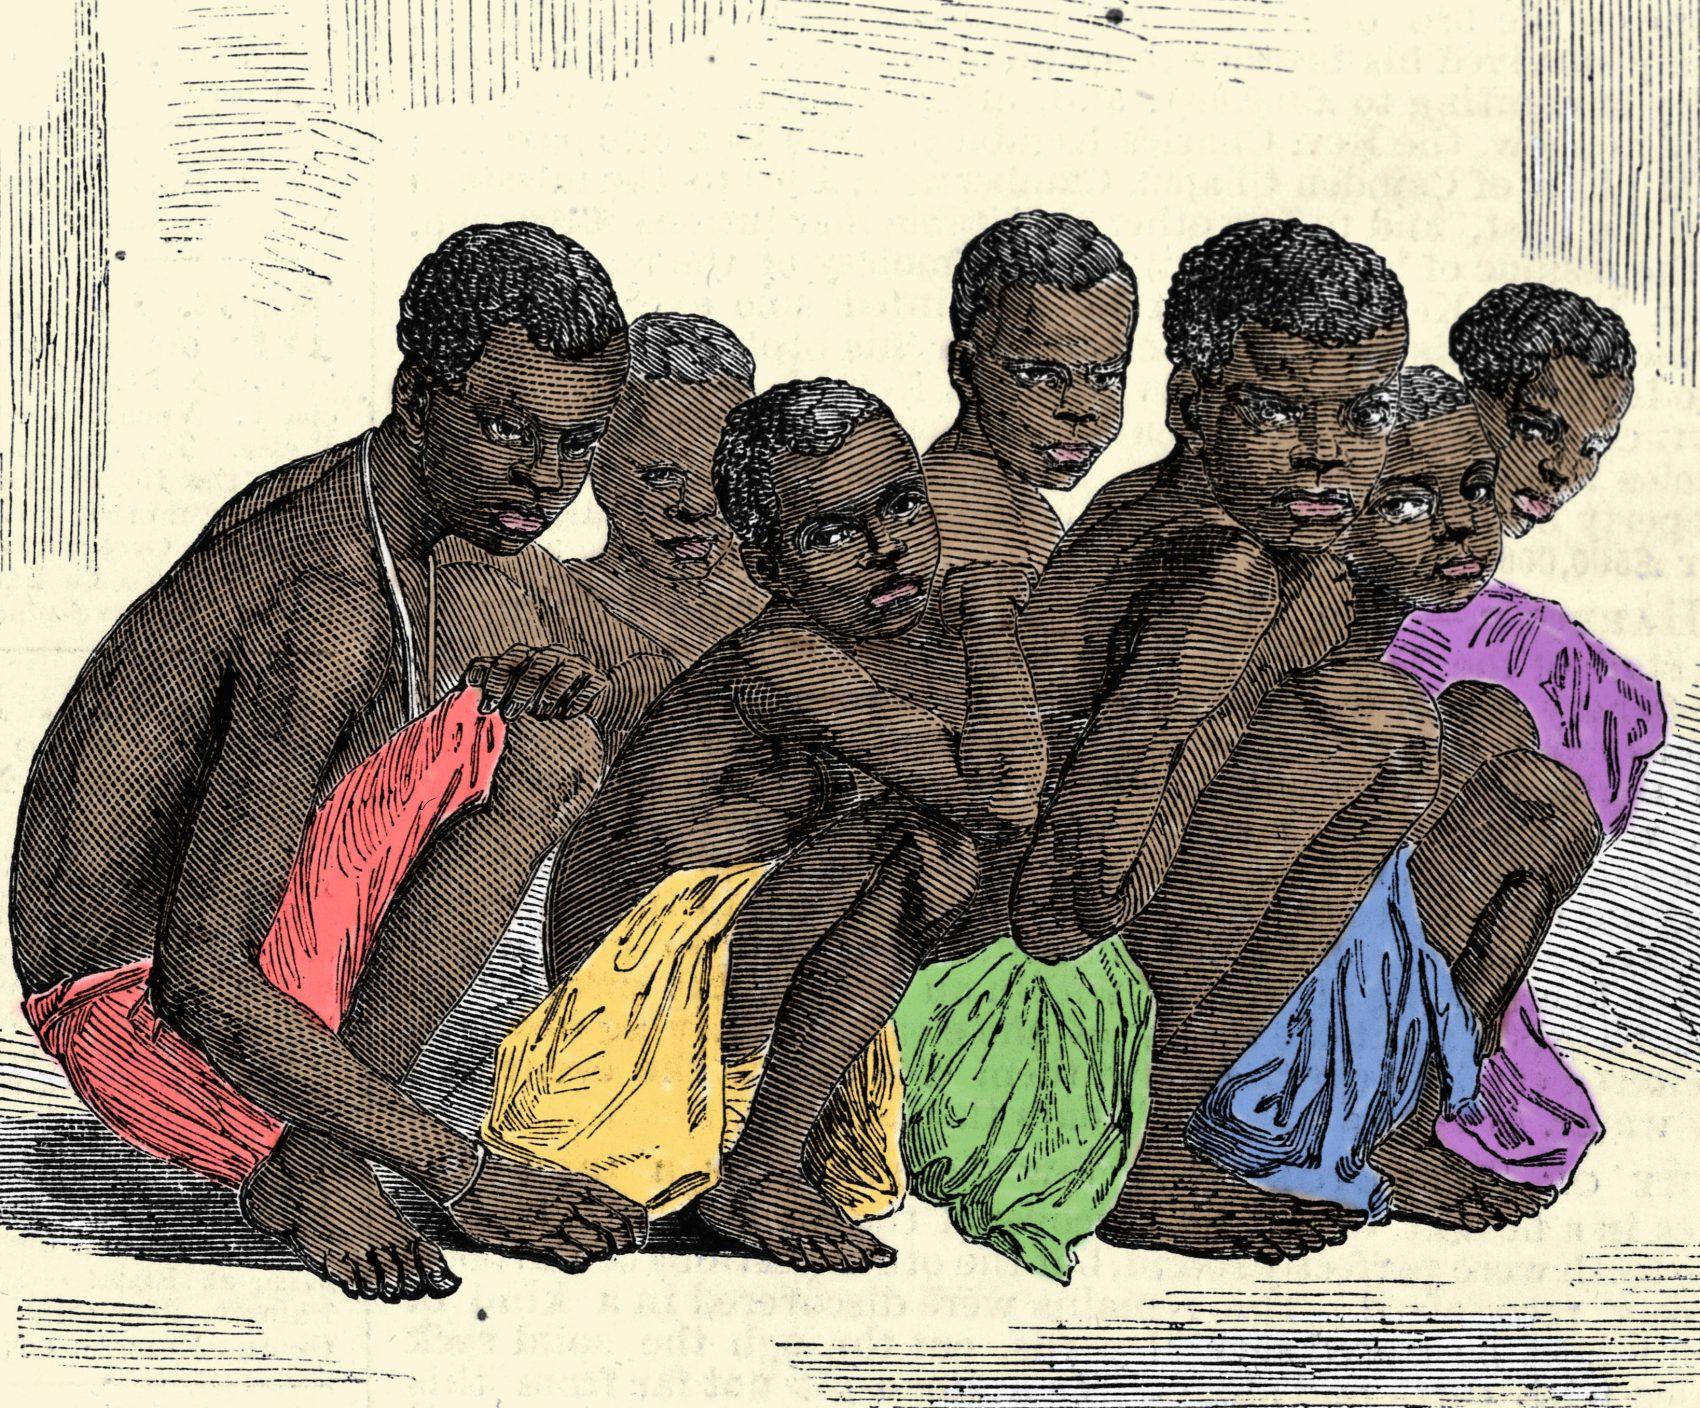 Gravura do século XIX mostra a posição dos escravos nos navios negreiros. Reprodução Costa/Leemage/AFP